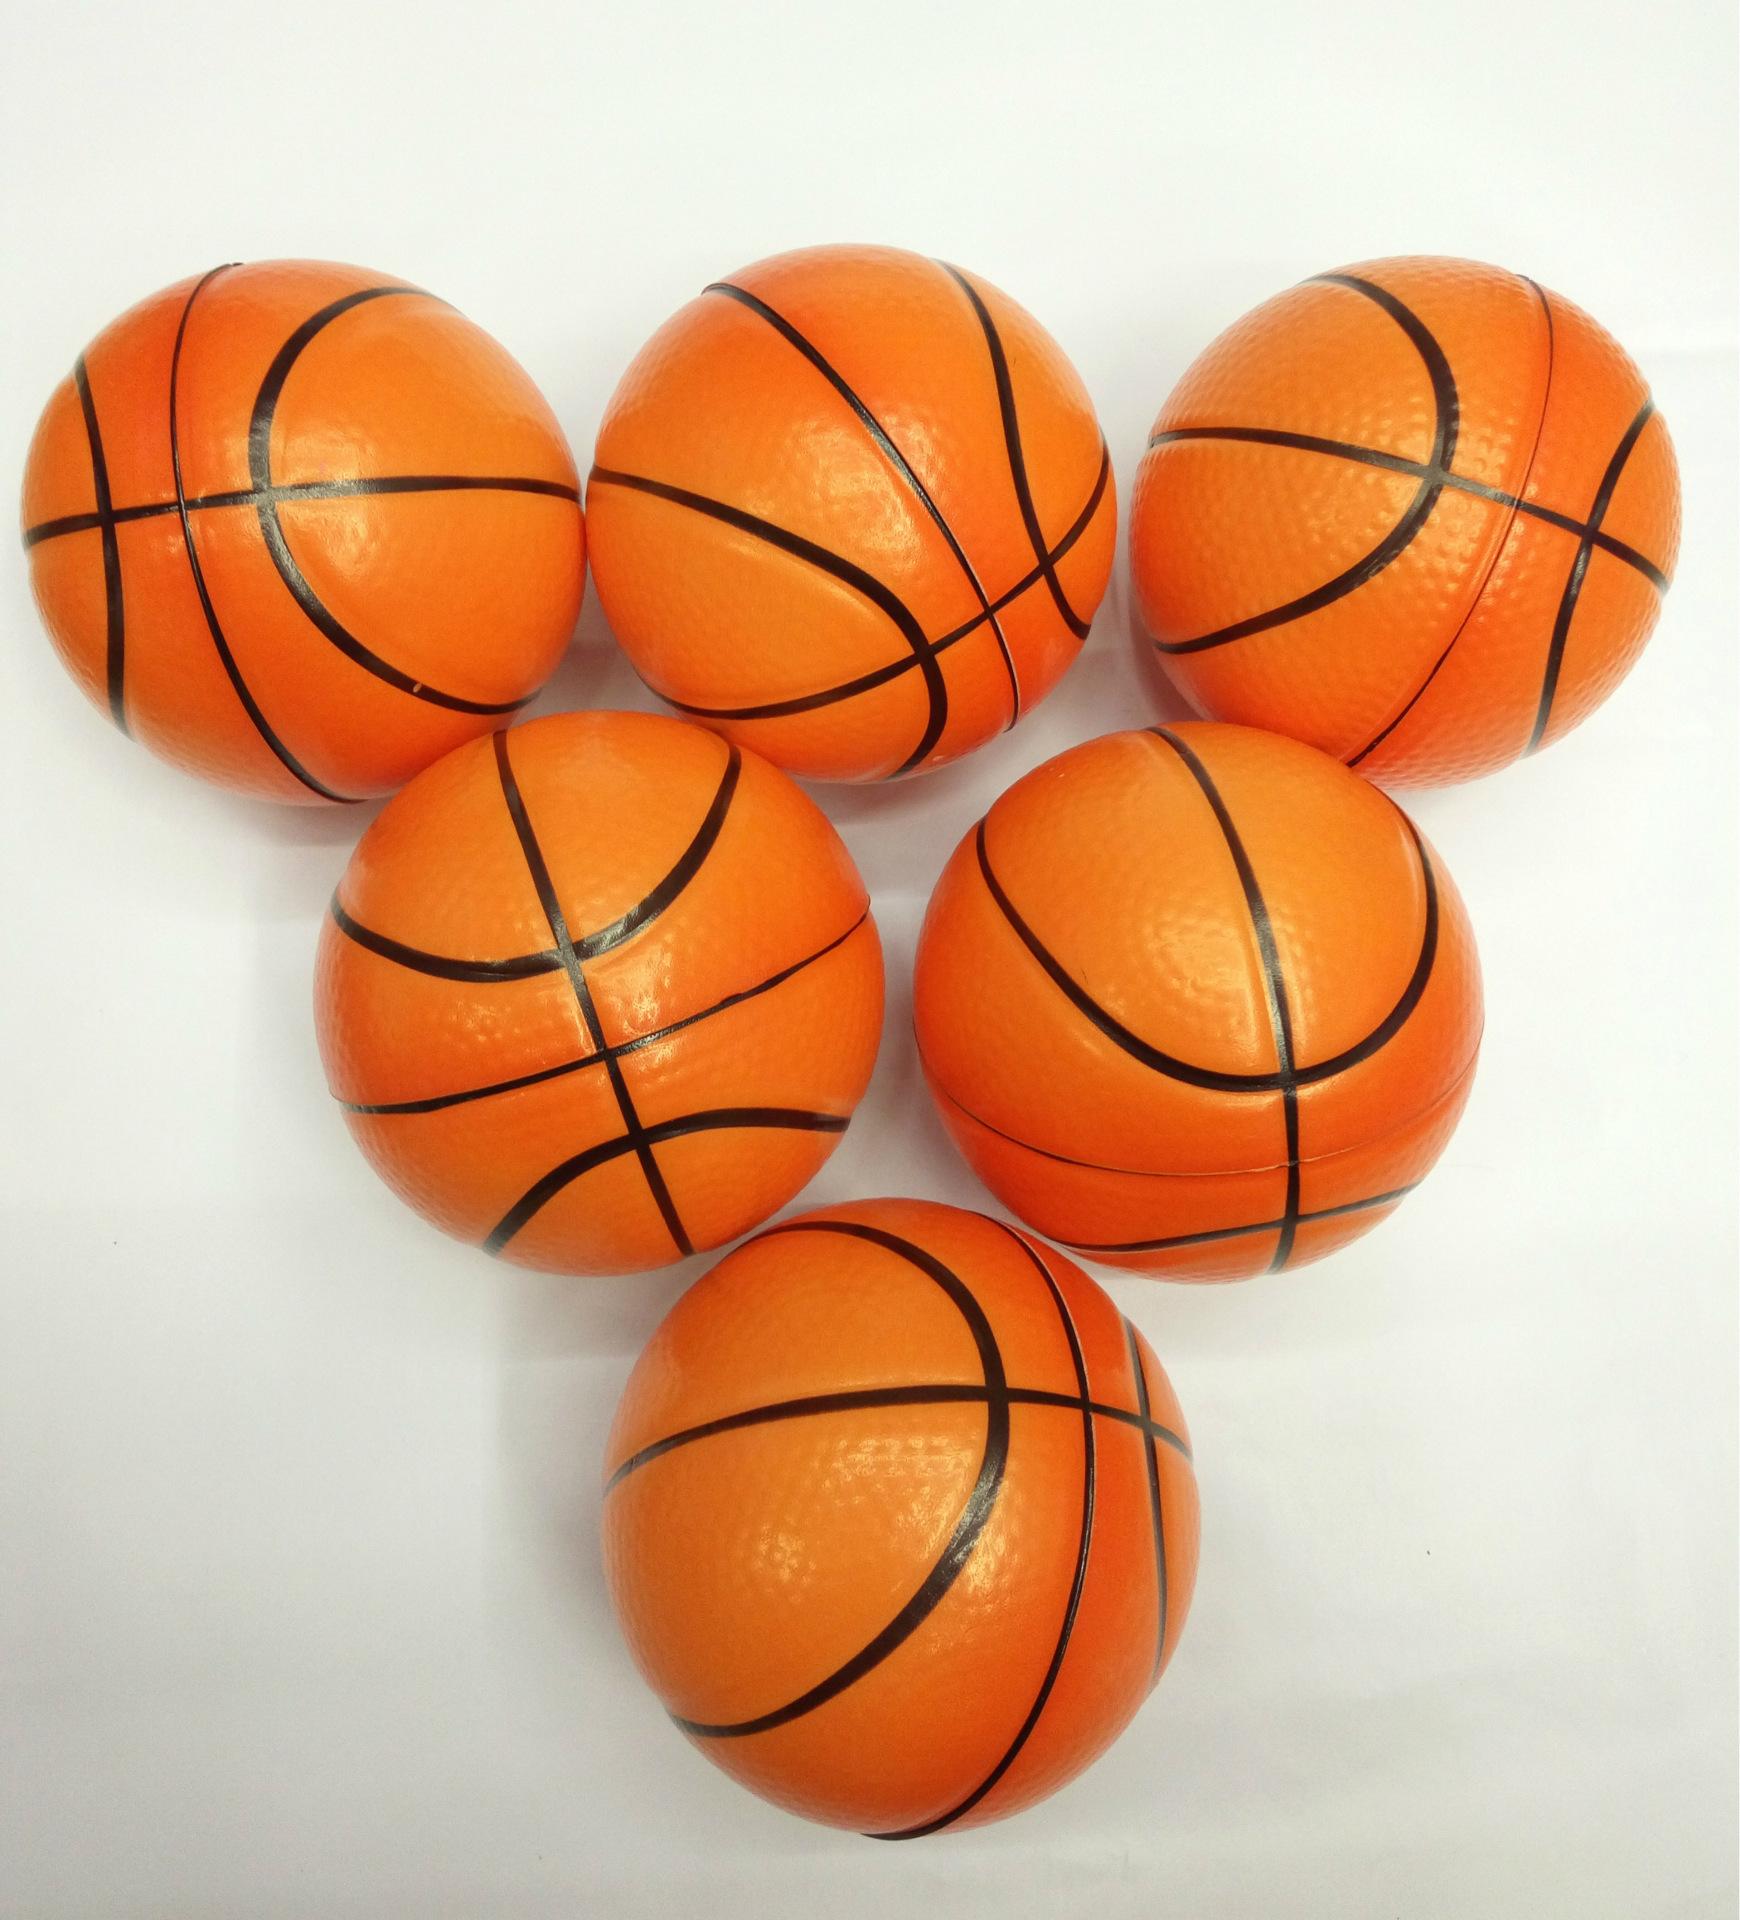 厂家直销儿童运动玩具球 pu发泡海绵弹力蓝球10cm玩具篮球